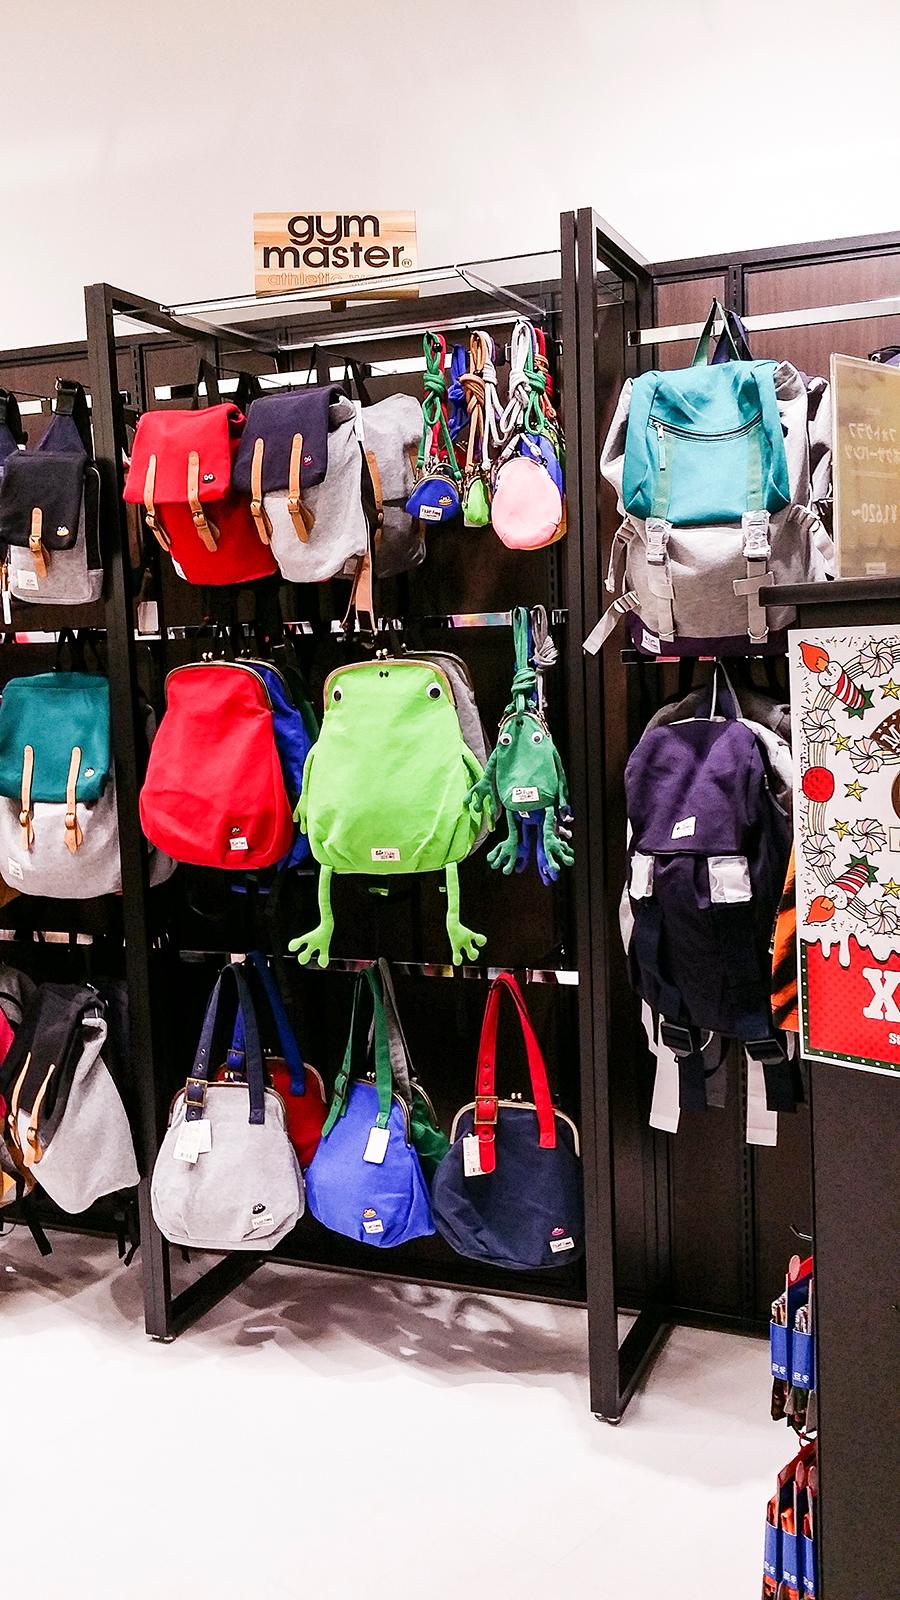 Cute frog backpack in Tokyo, Japan.